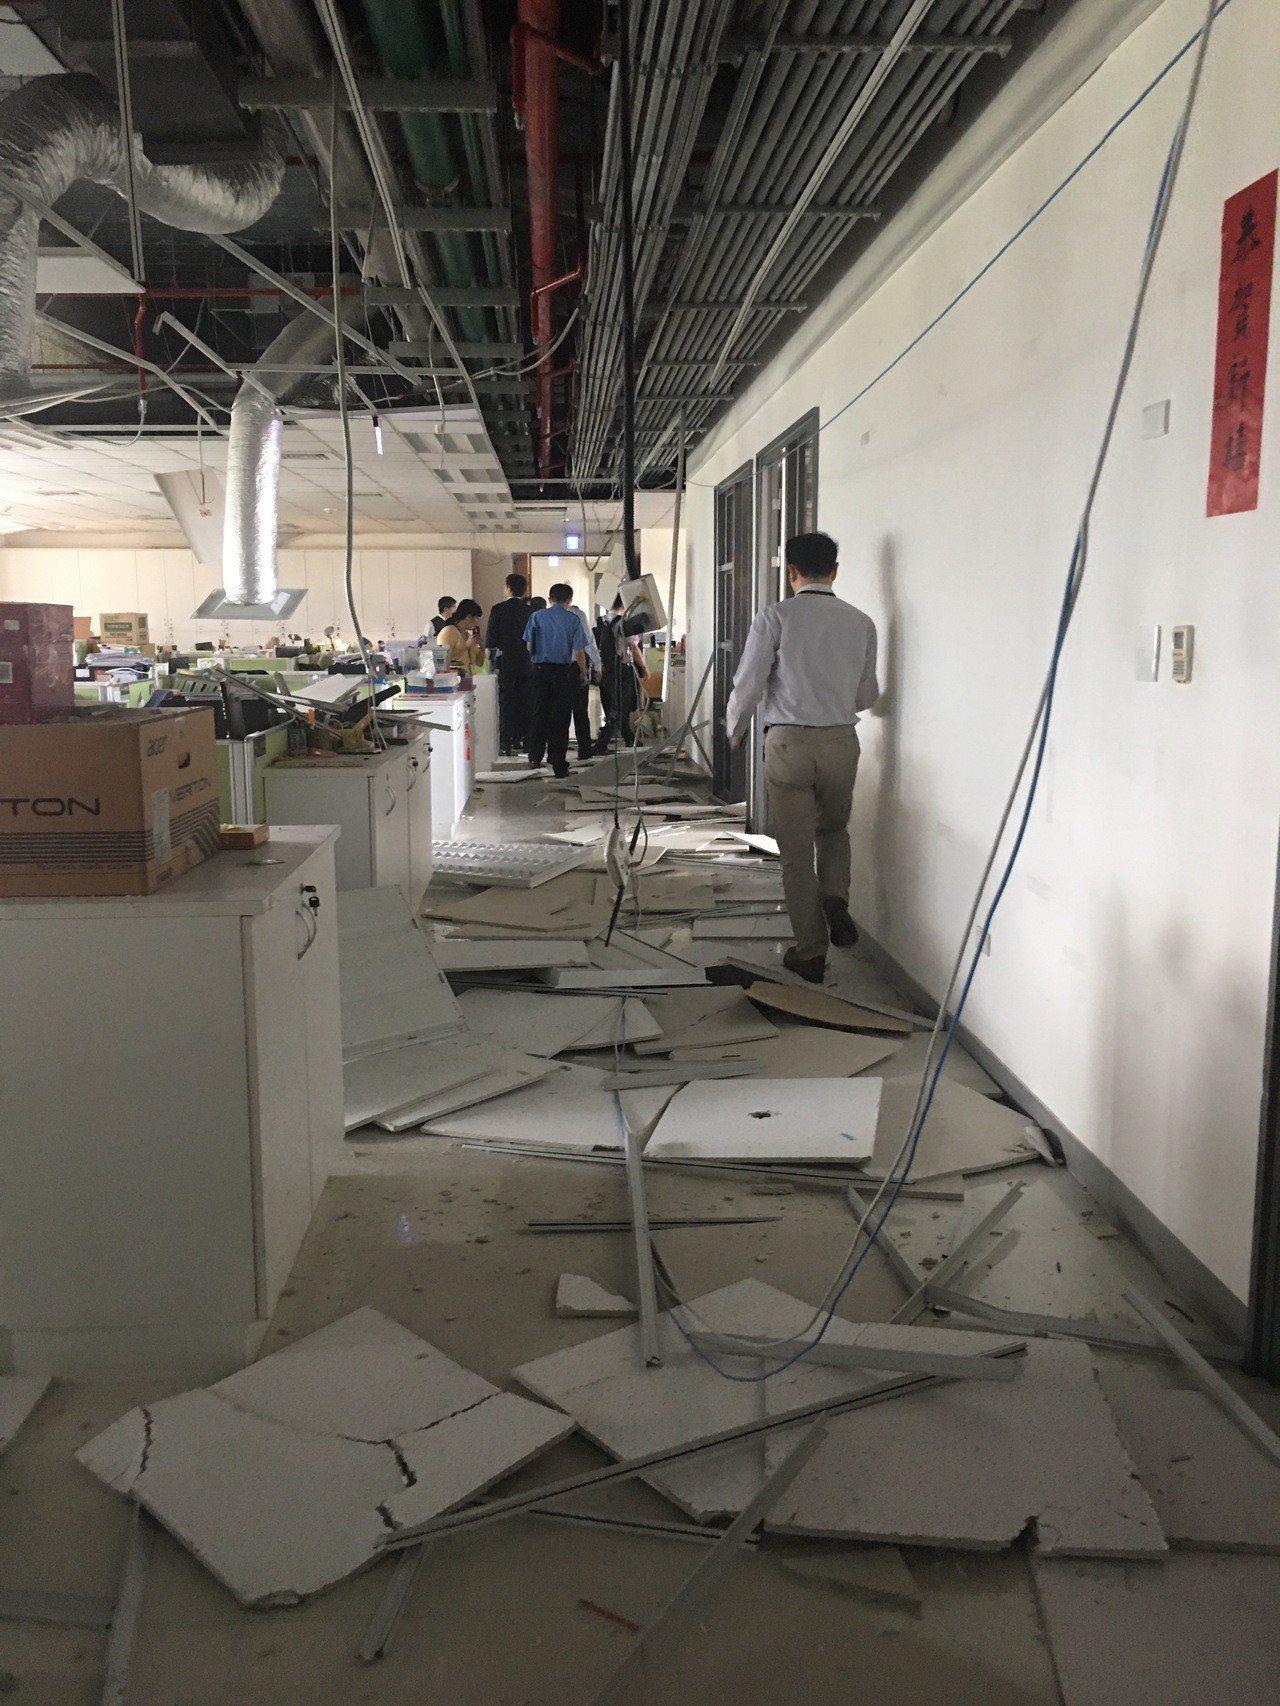 衛福部社家署輕鋼架全部倒塌,目前先暫停工作。圖/衛福部提供